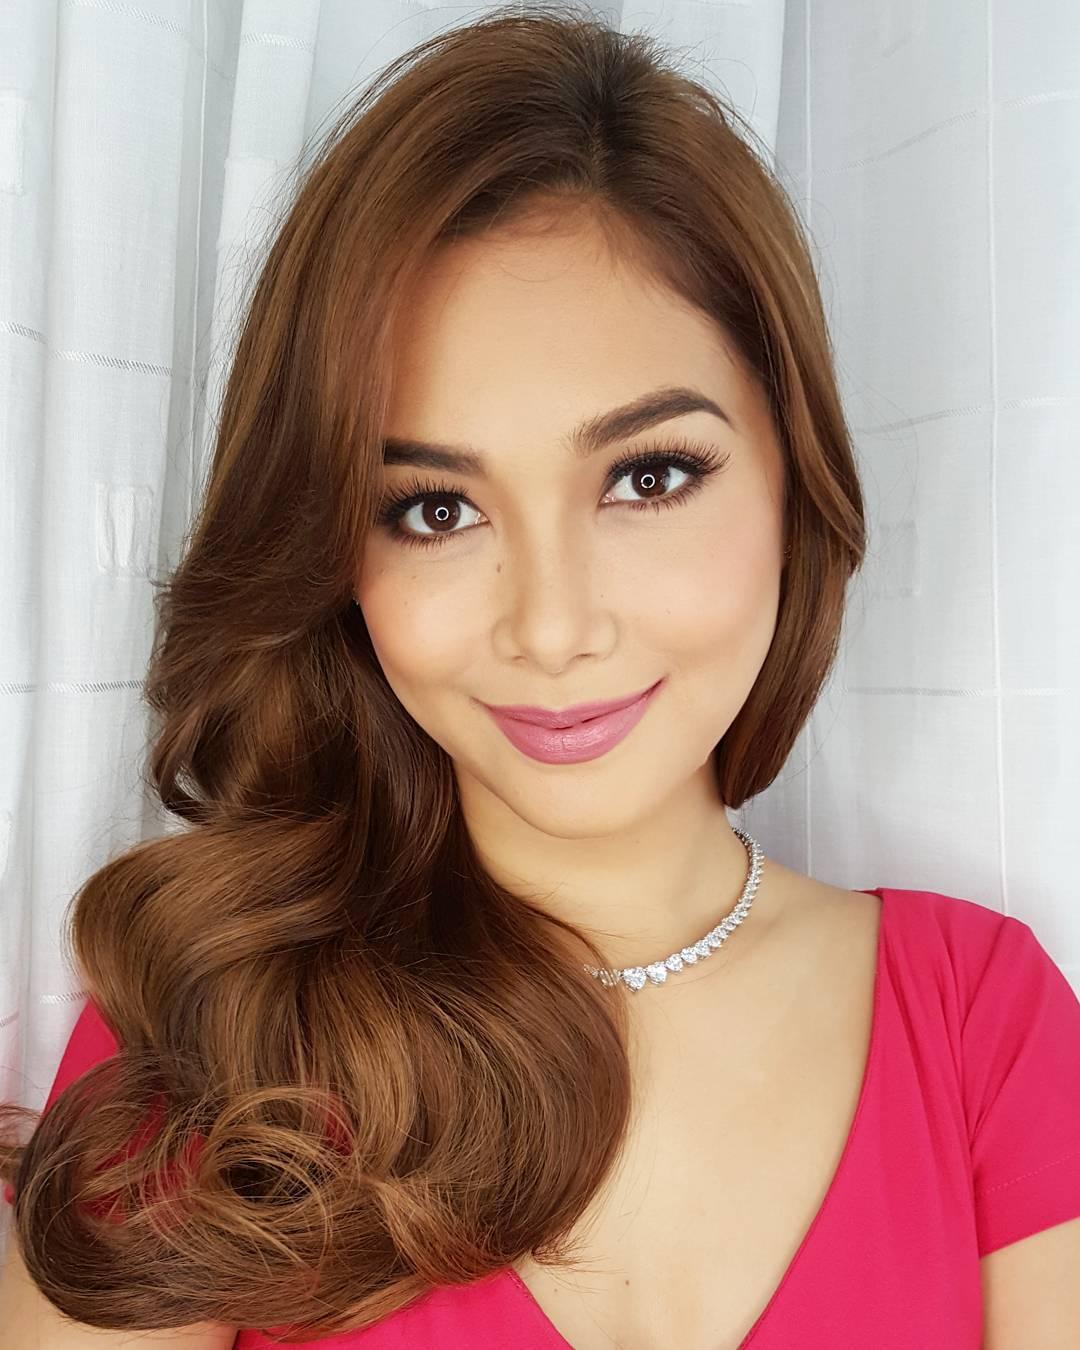 who is maja salvador dating now Maja salvador says she is now dating pia wurtzbach napahanga kay maja salvador alamin kung bakit gusto ipasa ang korona.